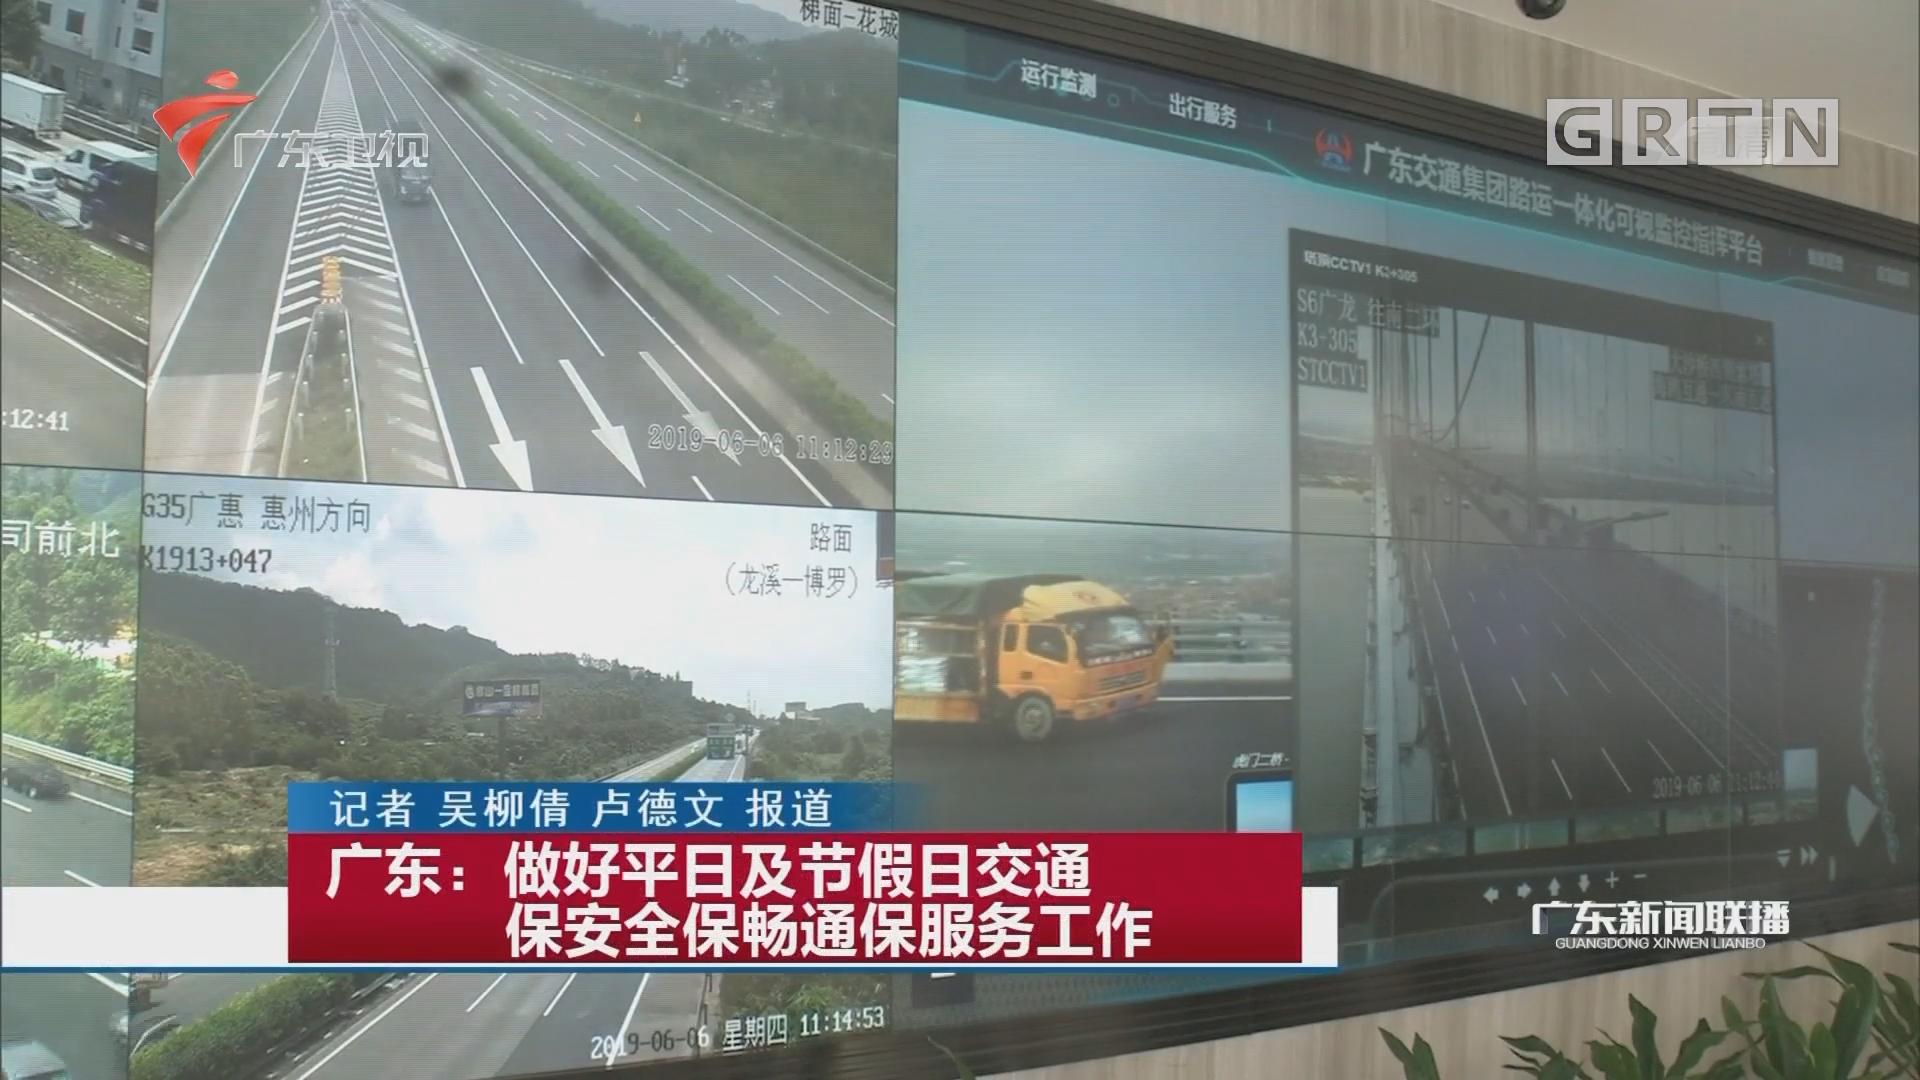 广东:做好平日及节假日交通 保安全保畅通保服务工作